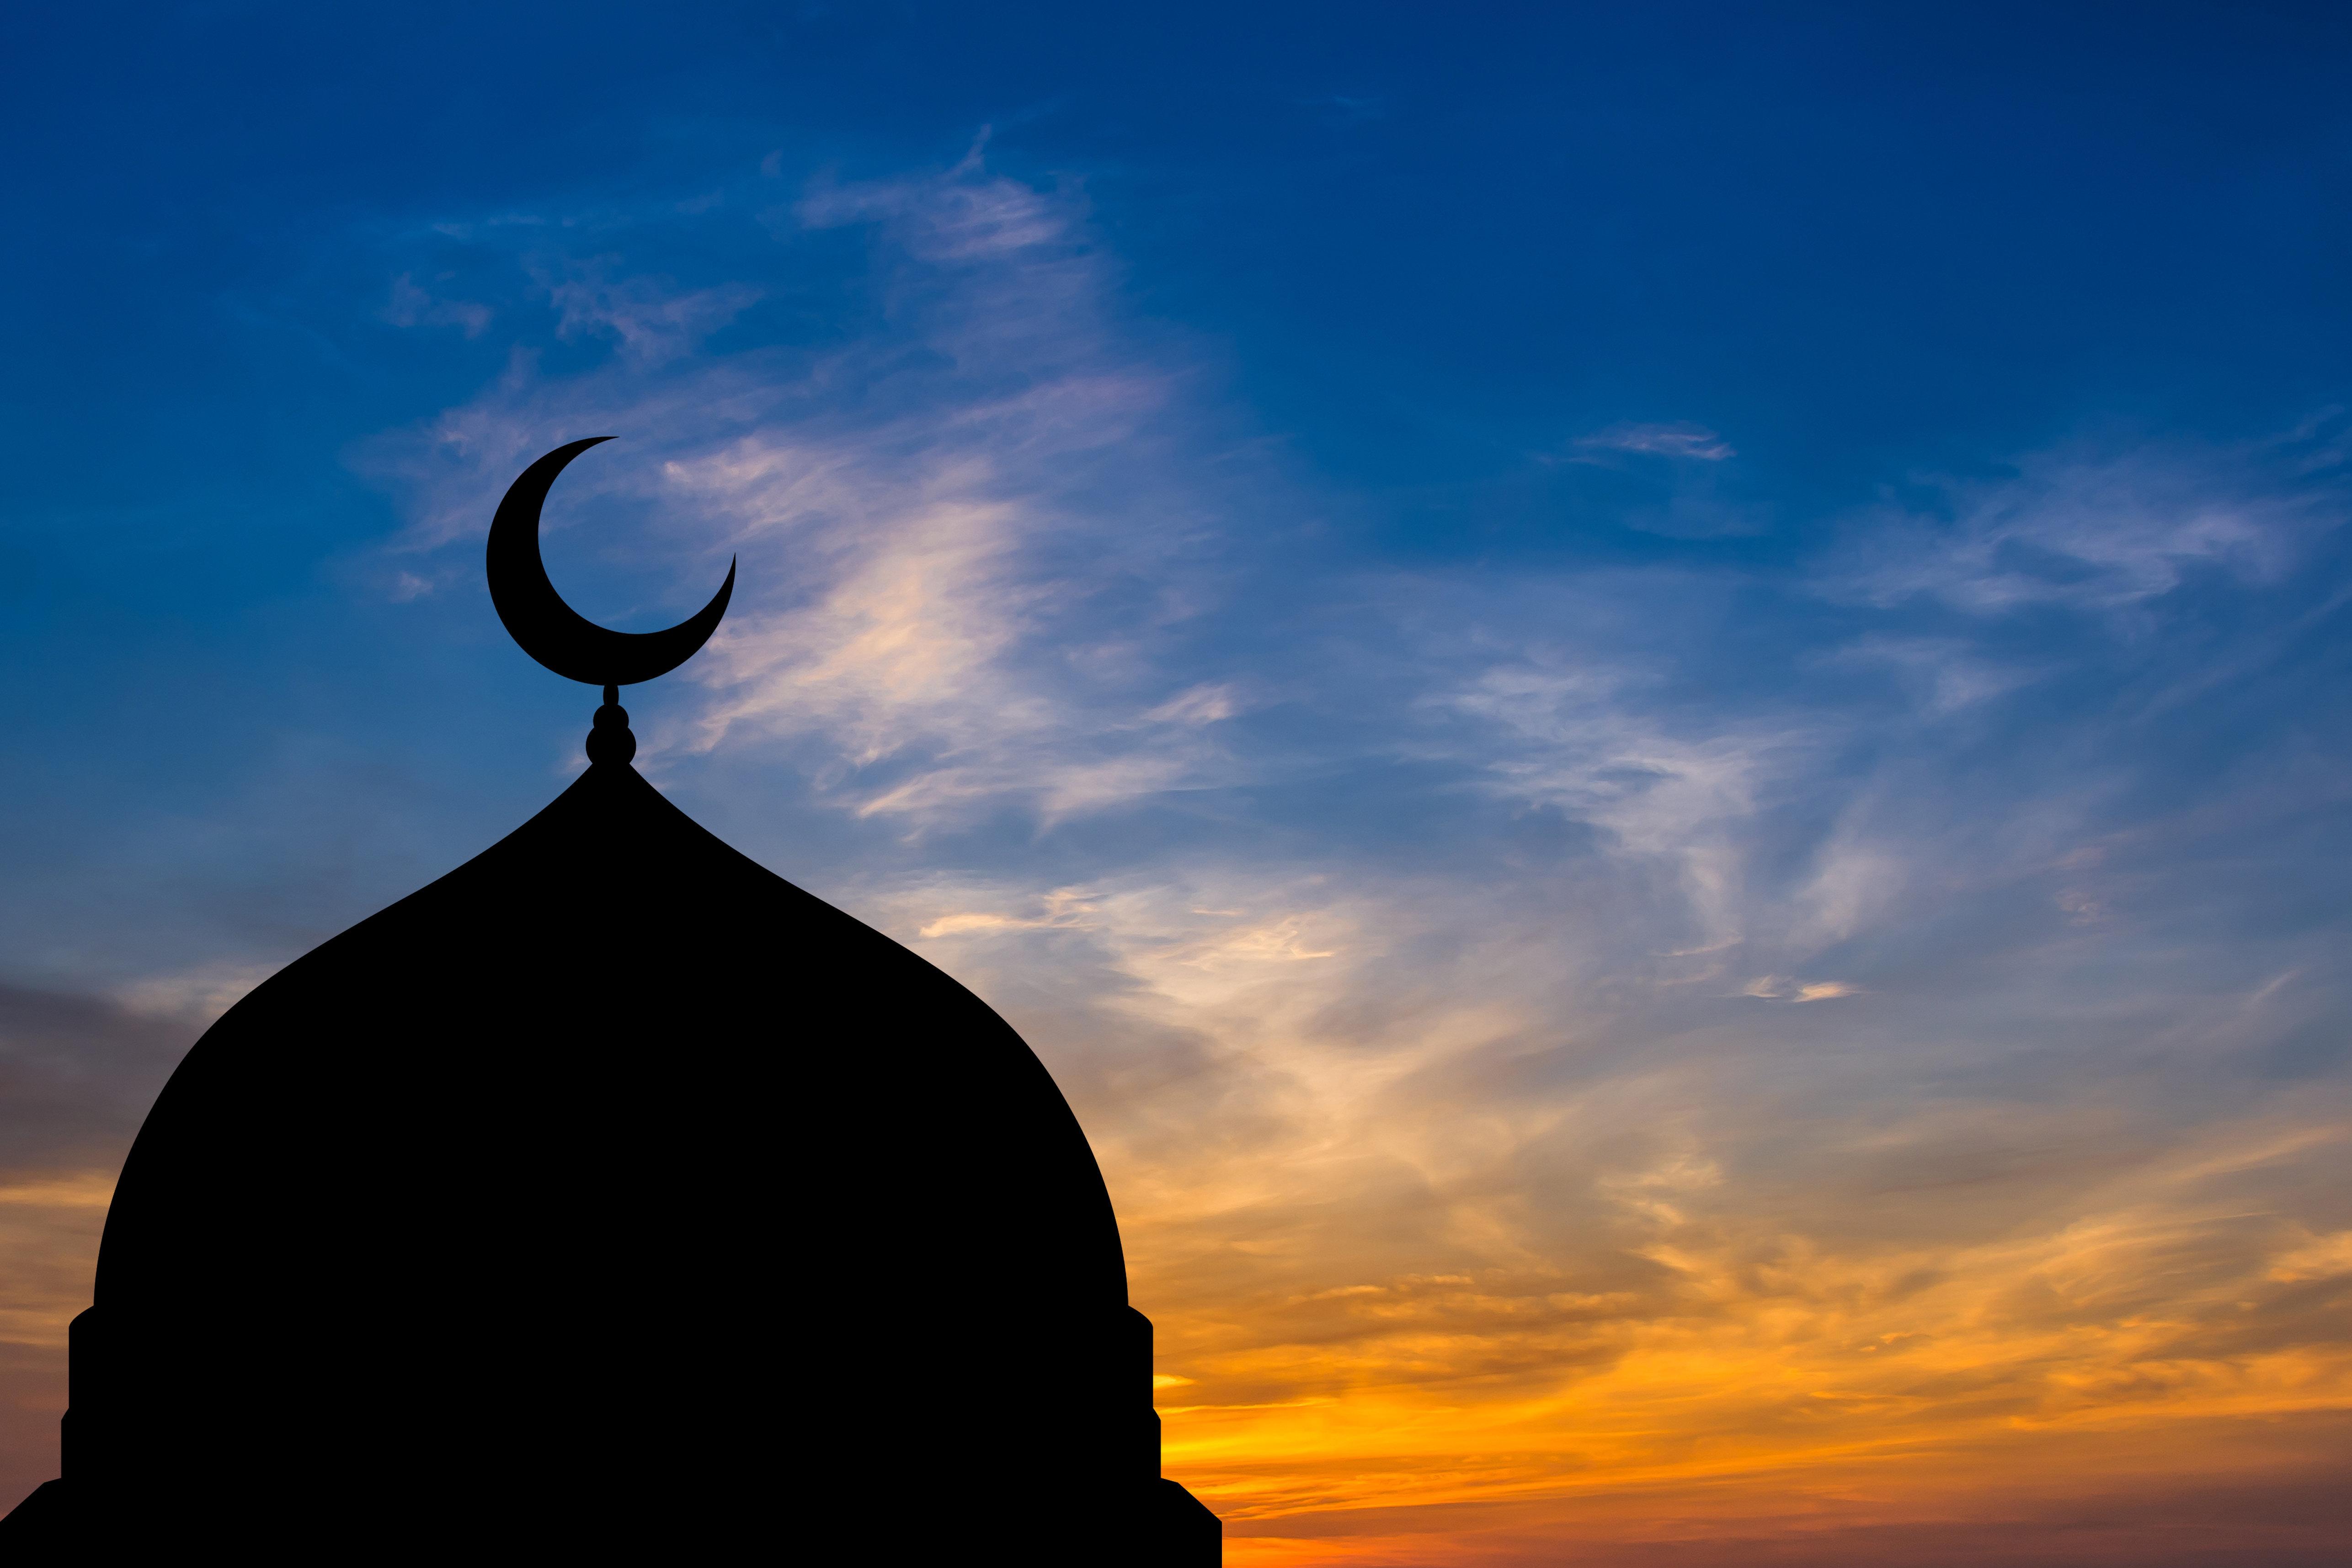 이슬람교는 범죄를 저지르라는 종교가